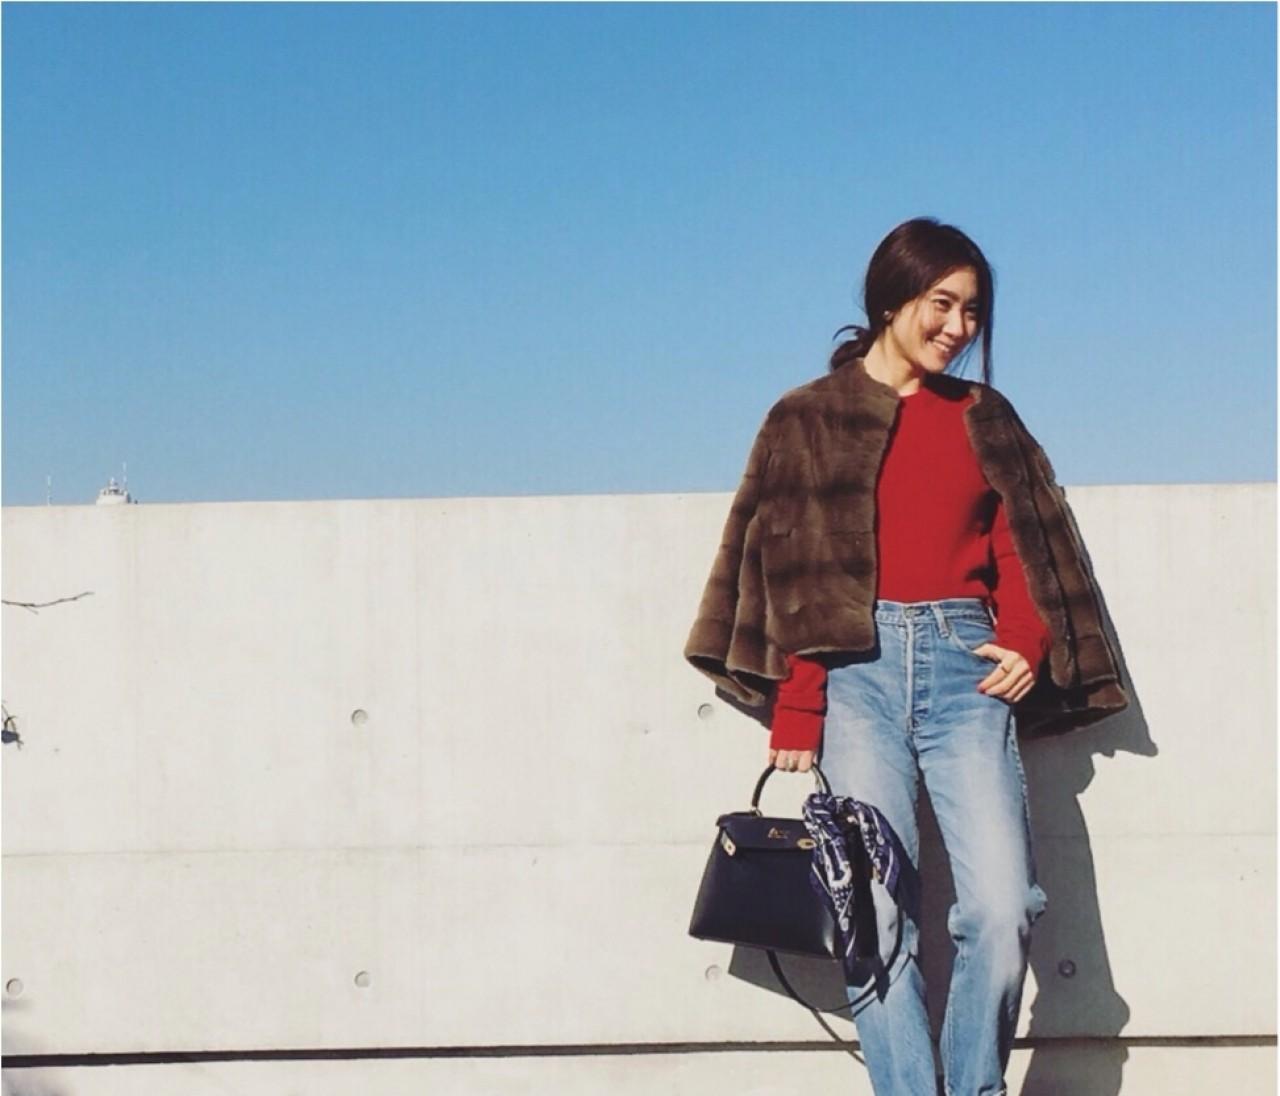 【#OOTD】人気ライター東原さんの冬の白スニーカーコーデはやっぱりしゃれてる!